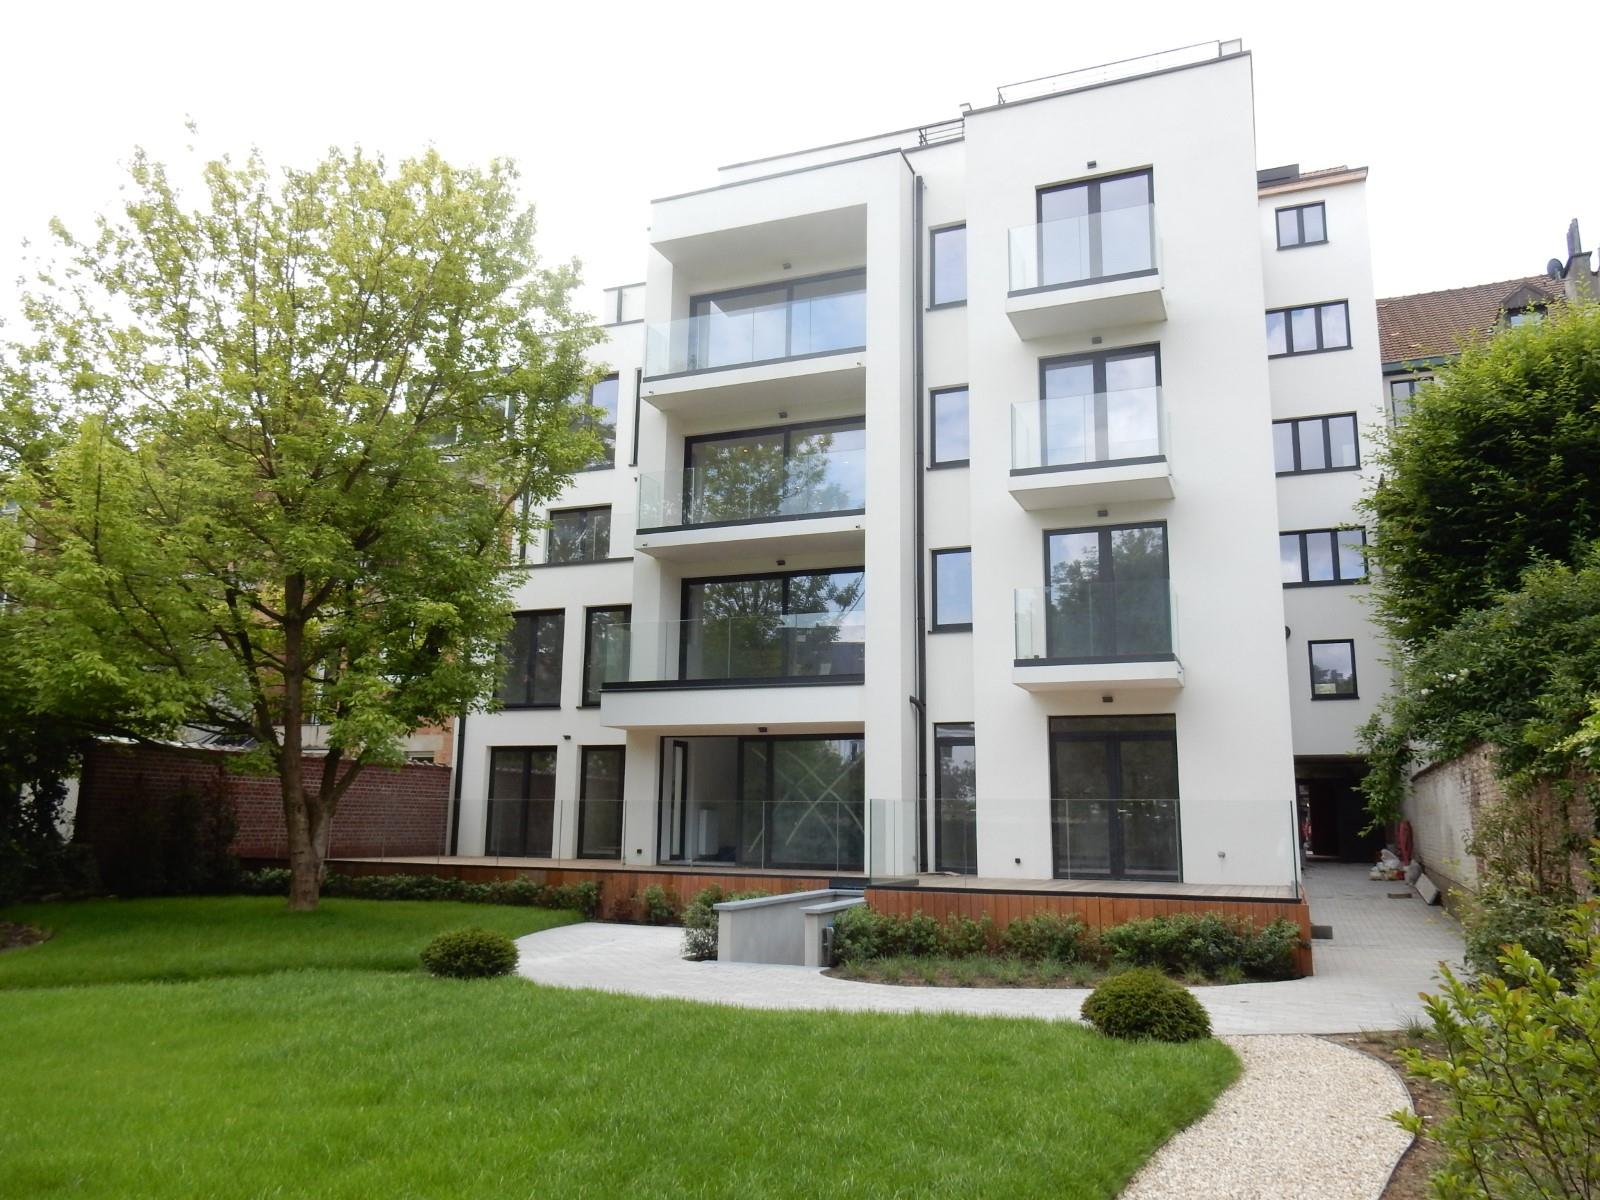 Appartement exceptionnel - Ixelles - #3965099-13